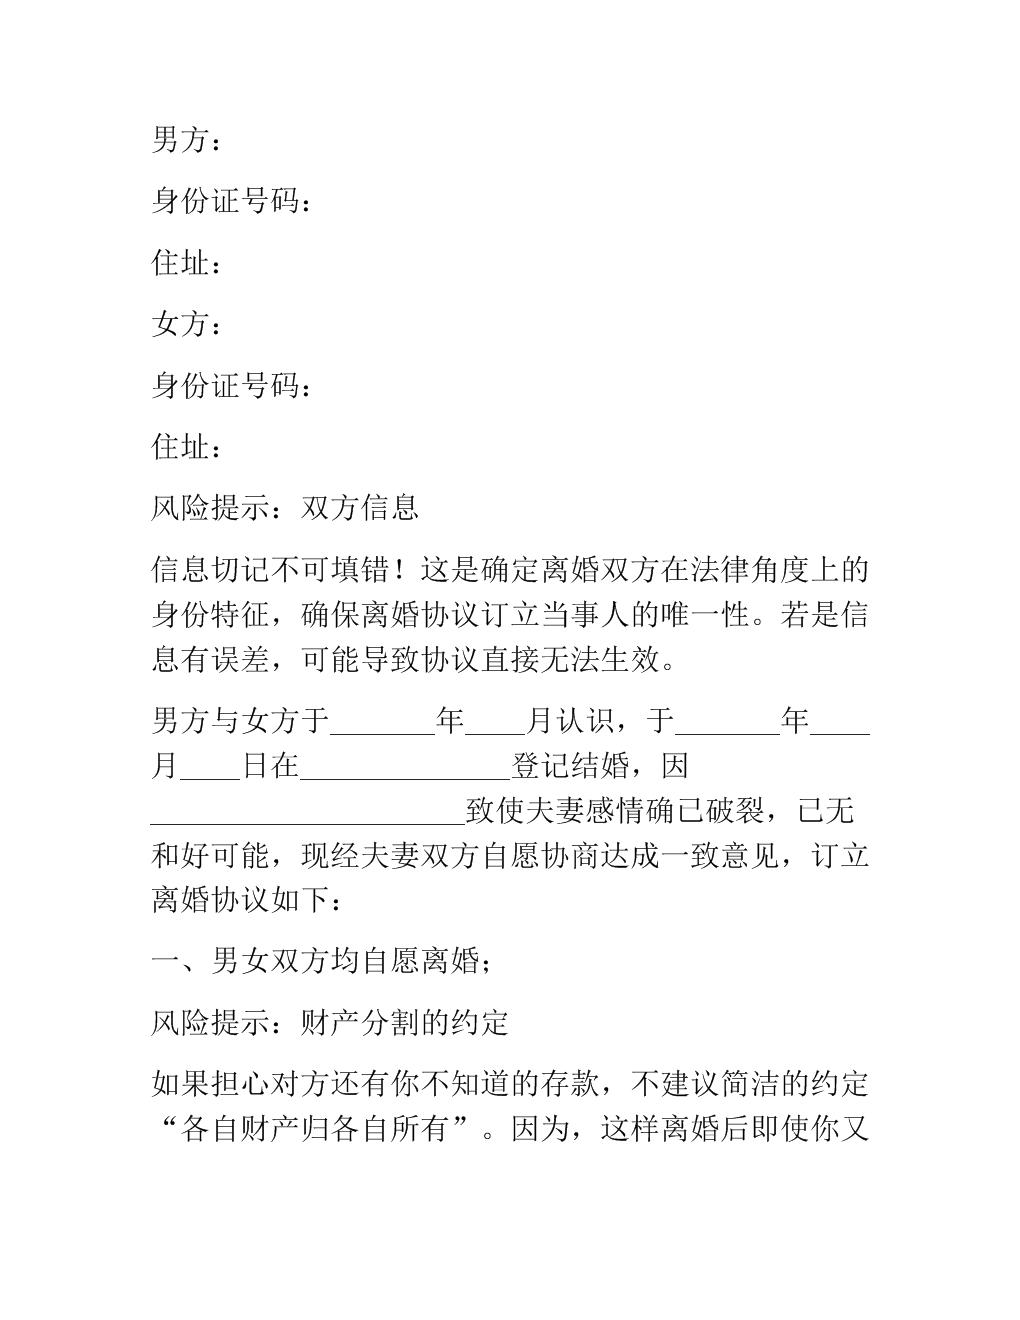 简易离婚协议书范本2018(2).docx图片